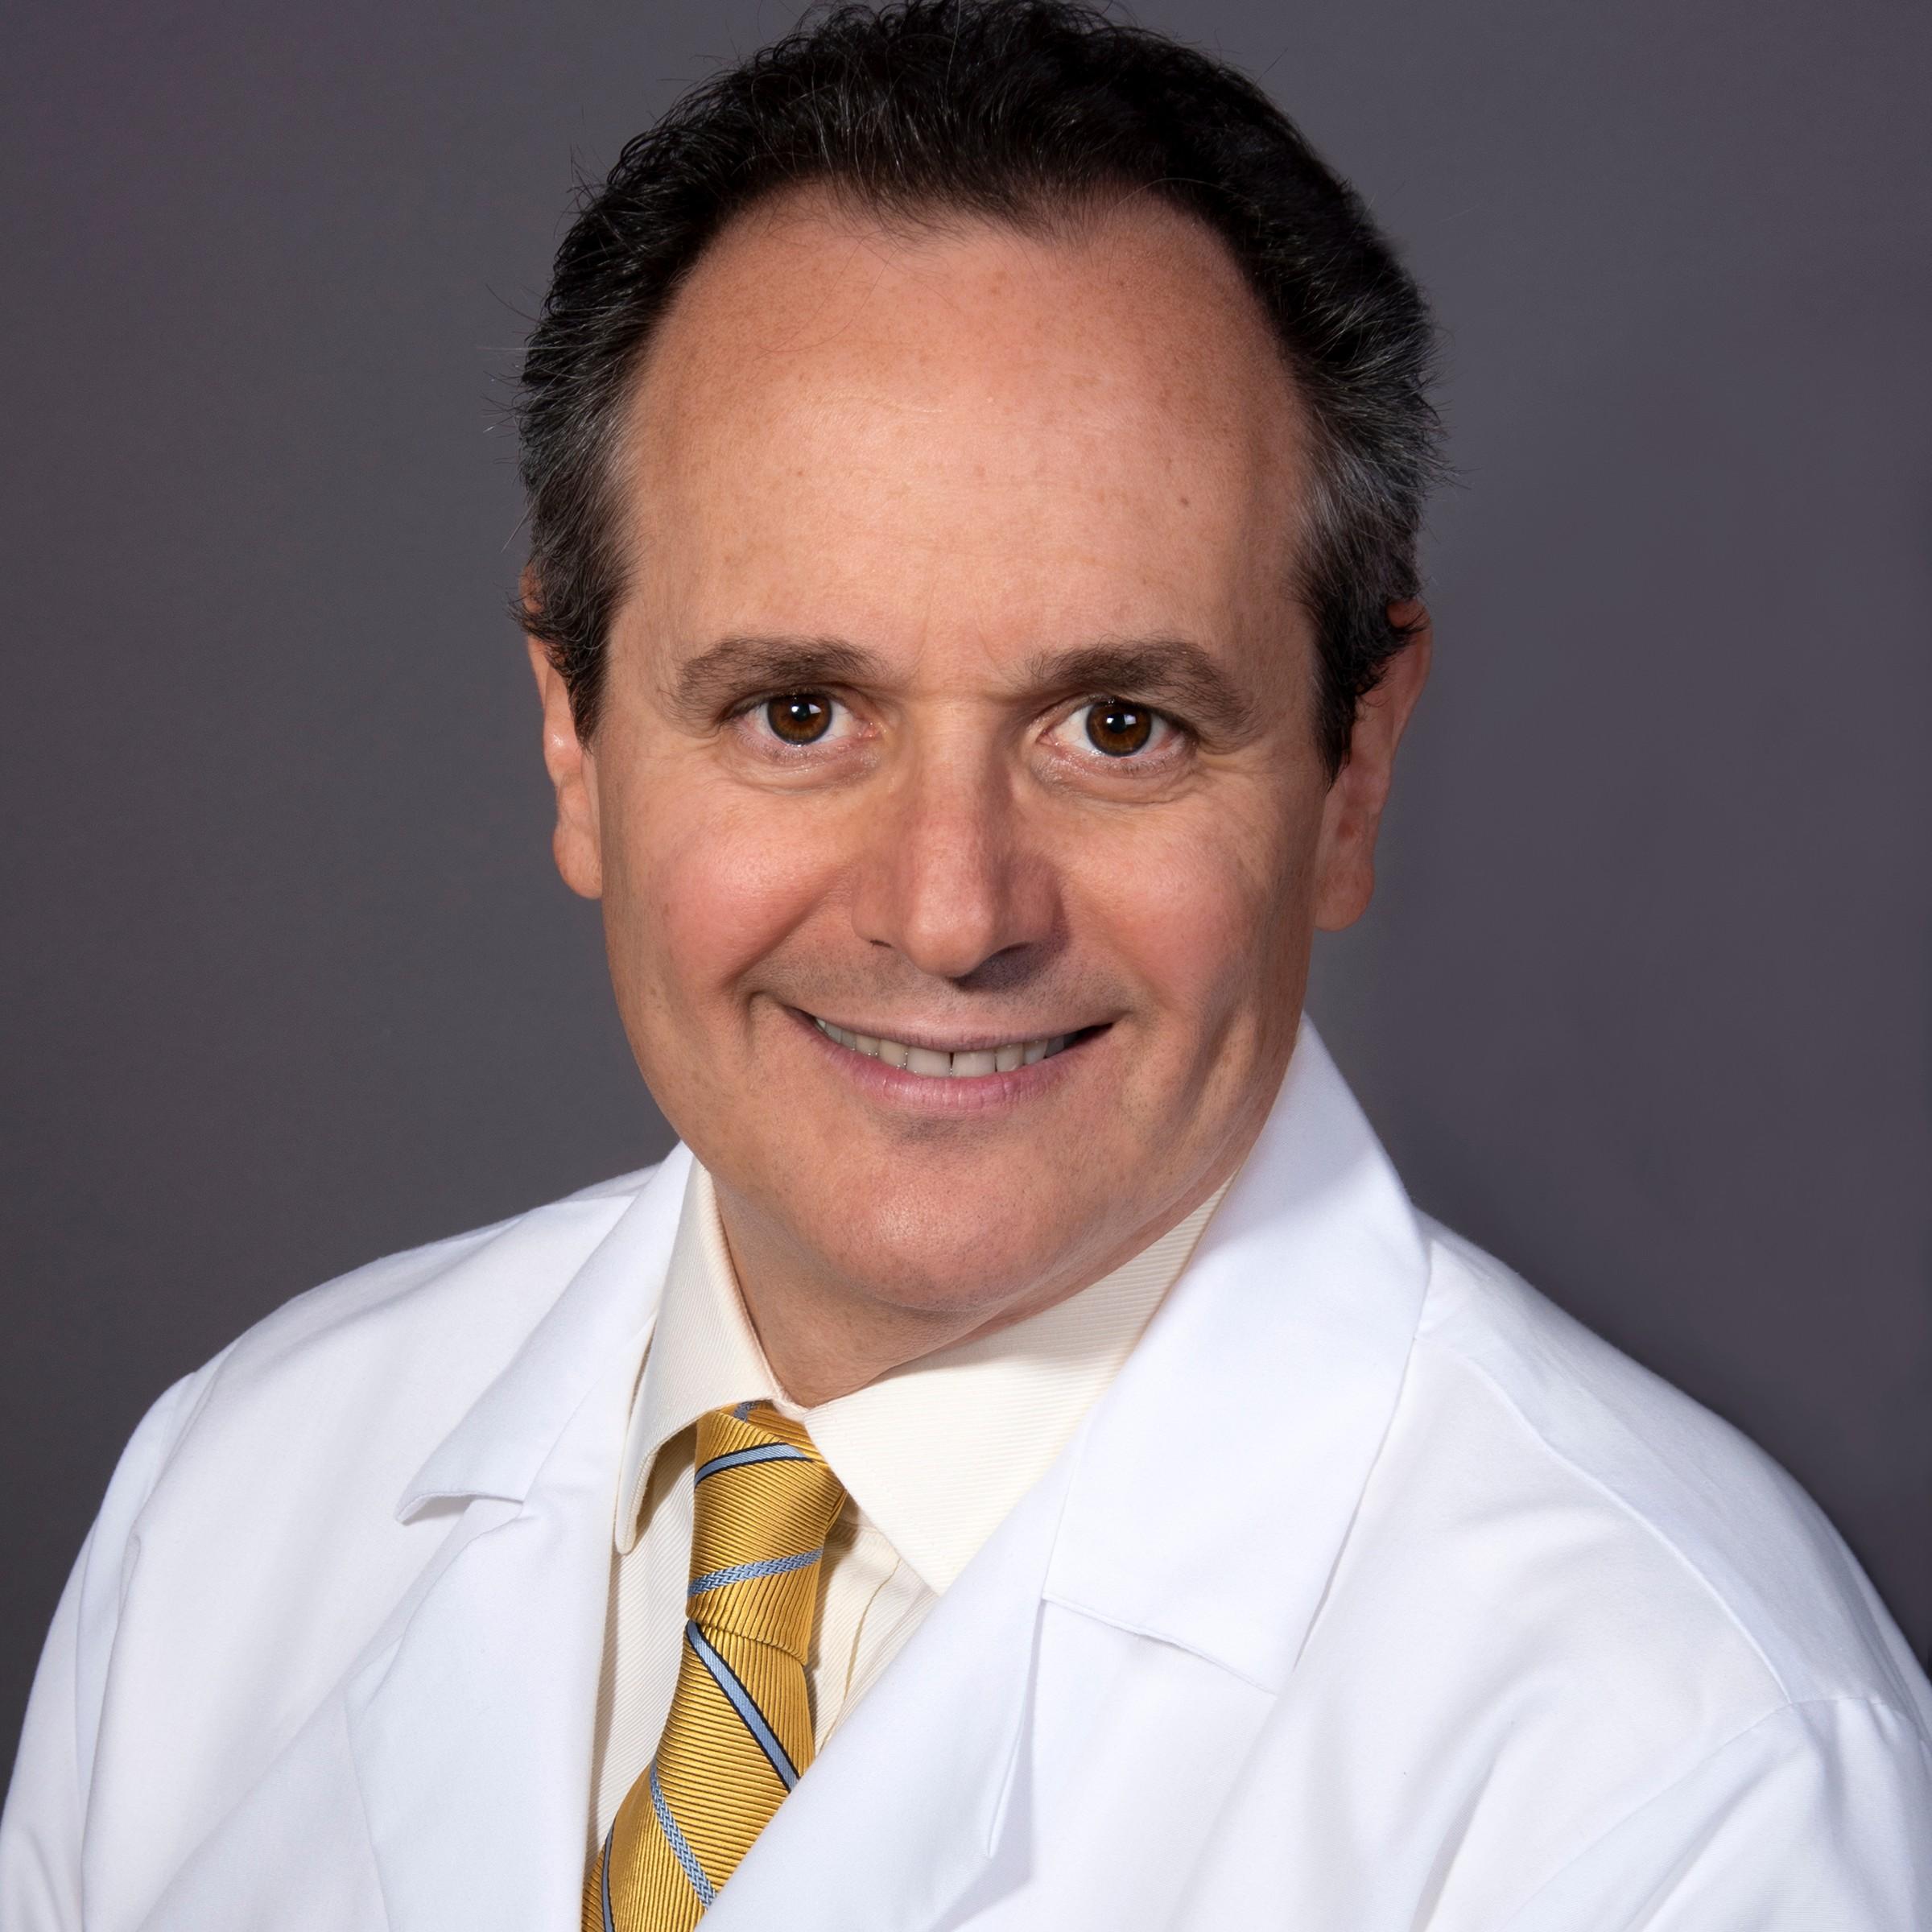 Irwin M. Grosman